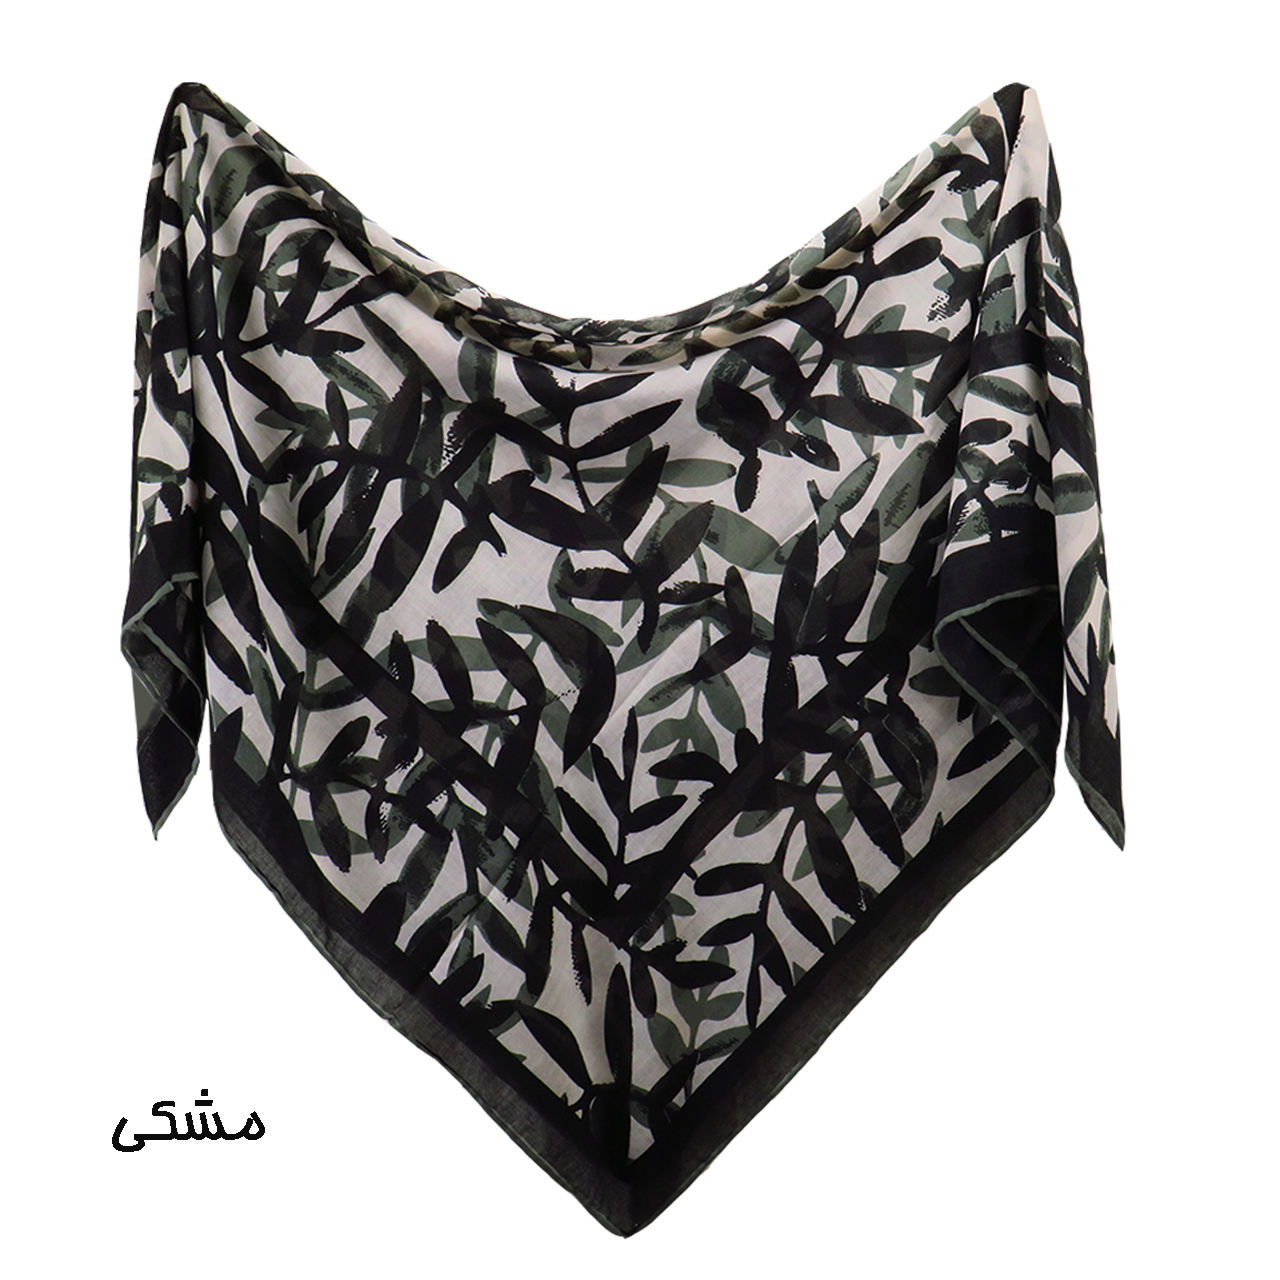 روسری زنانه لمیز مدل برگ  -  - 5